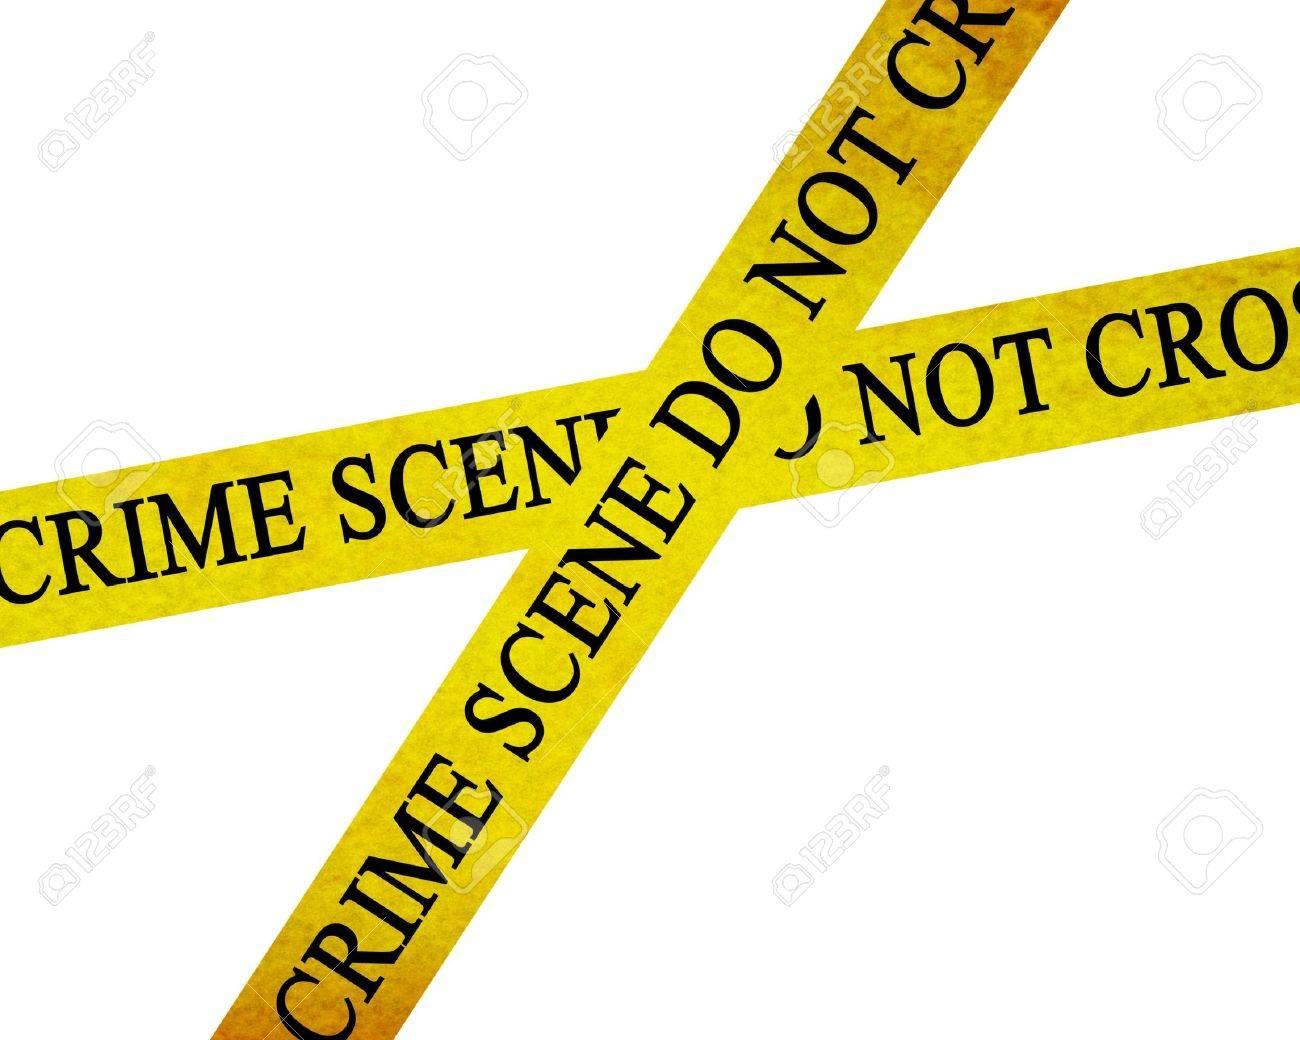 crime scene do not cross: police line Stock Photo - 3497196